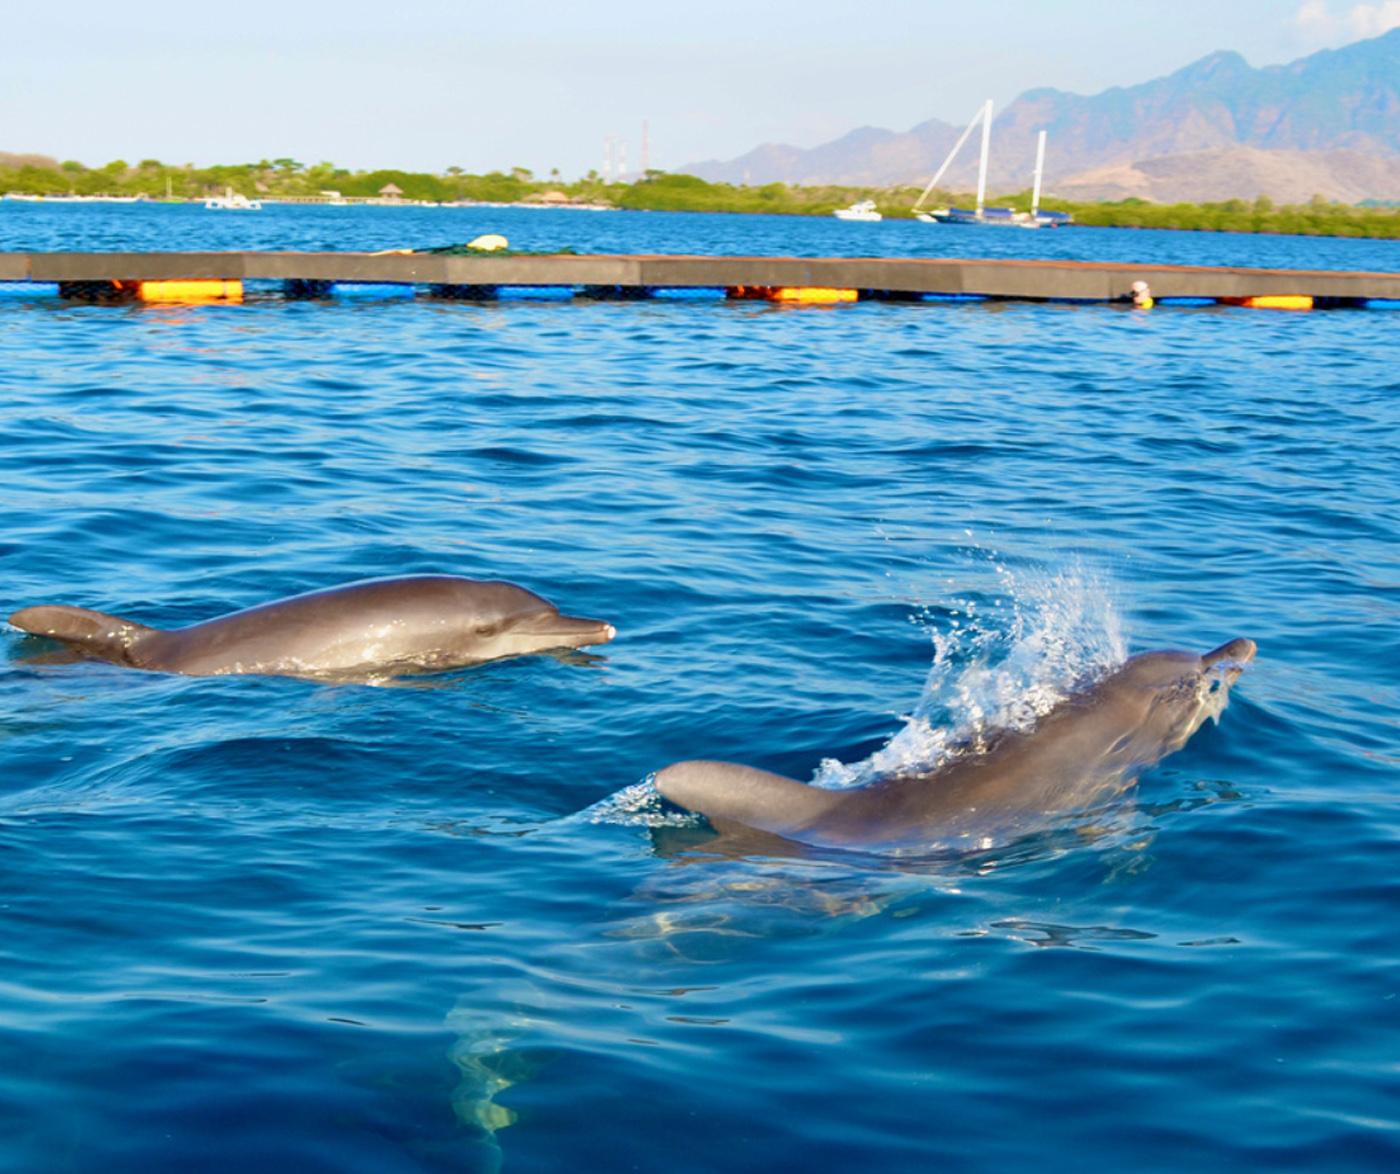 海の自然なリズム、潮汐、潮流、生きた魚の存在などを身に着けることができます